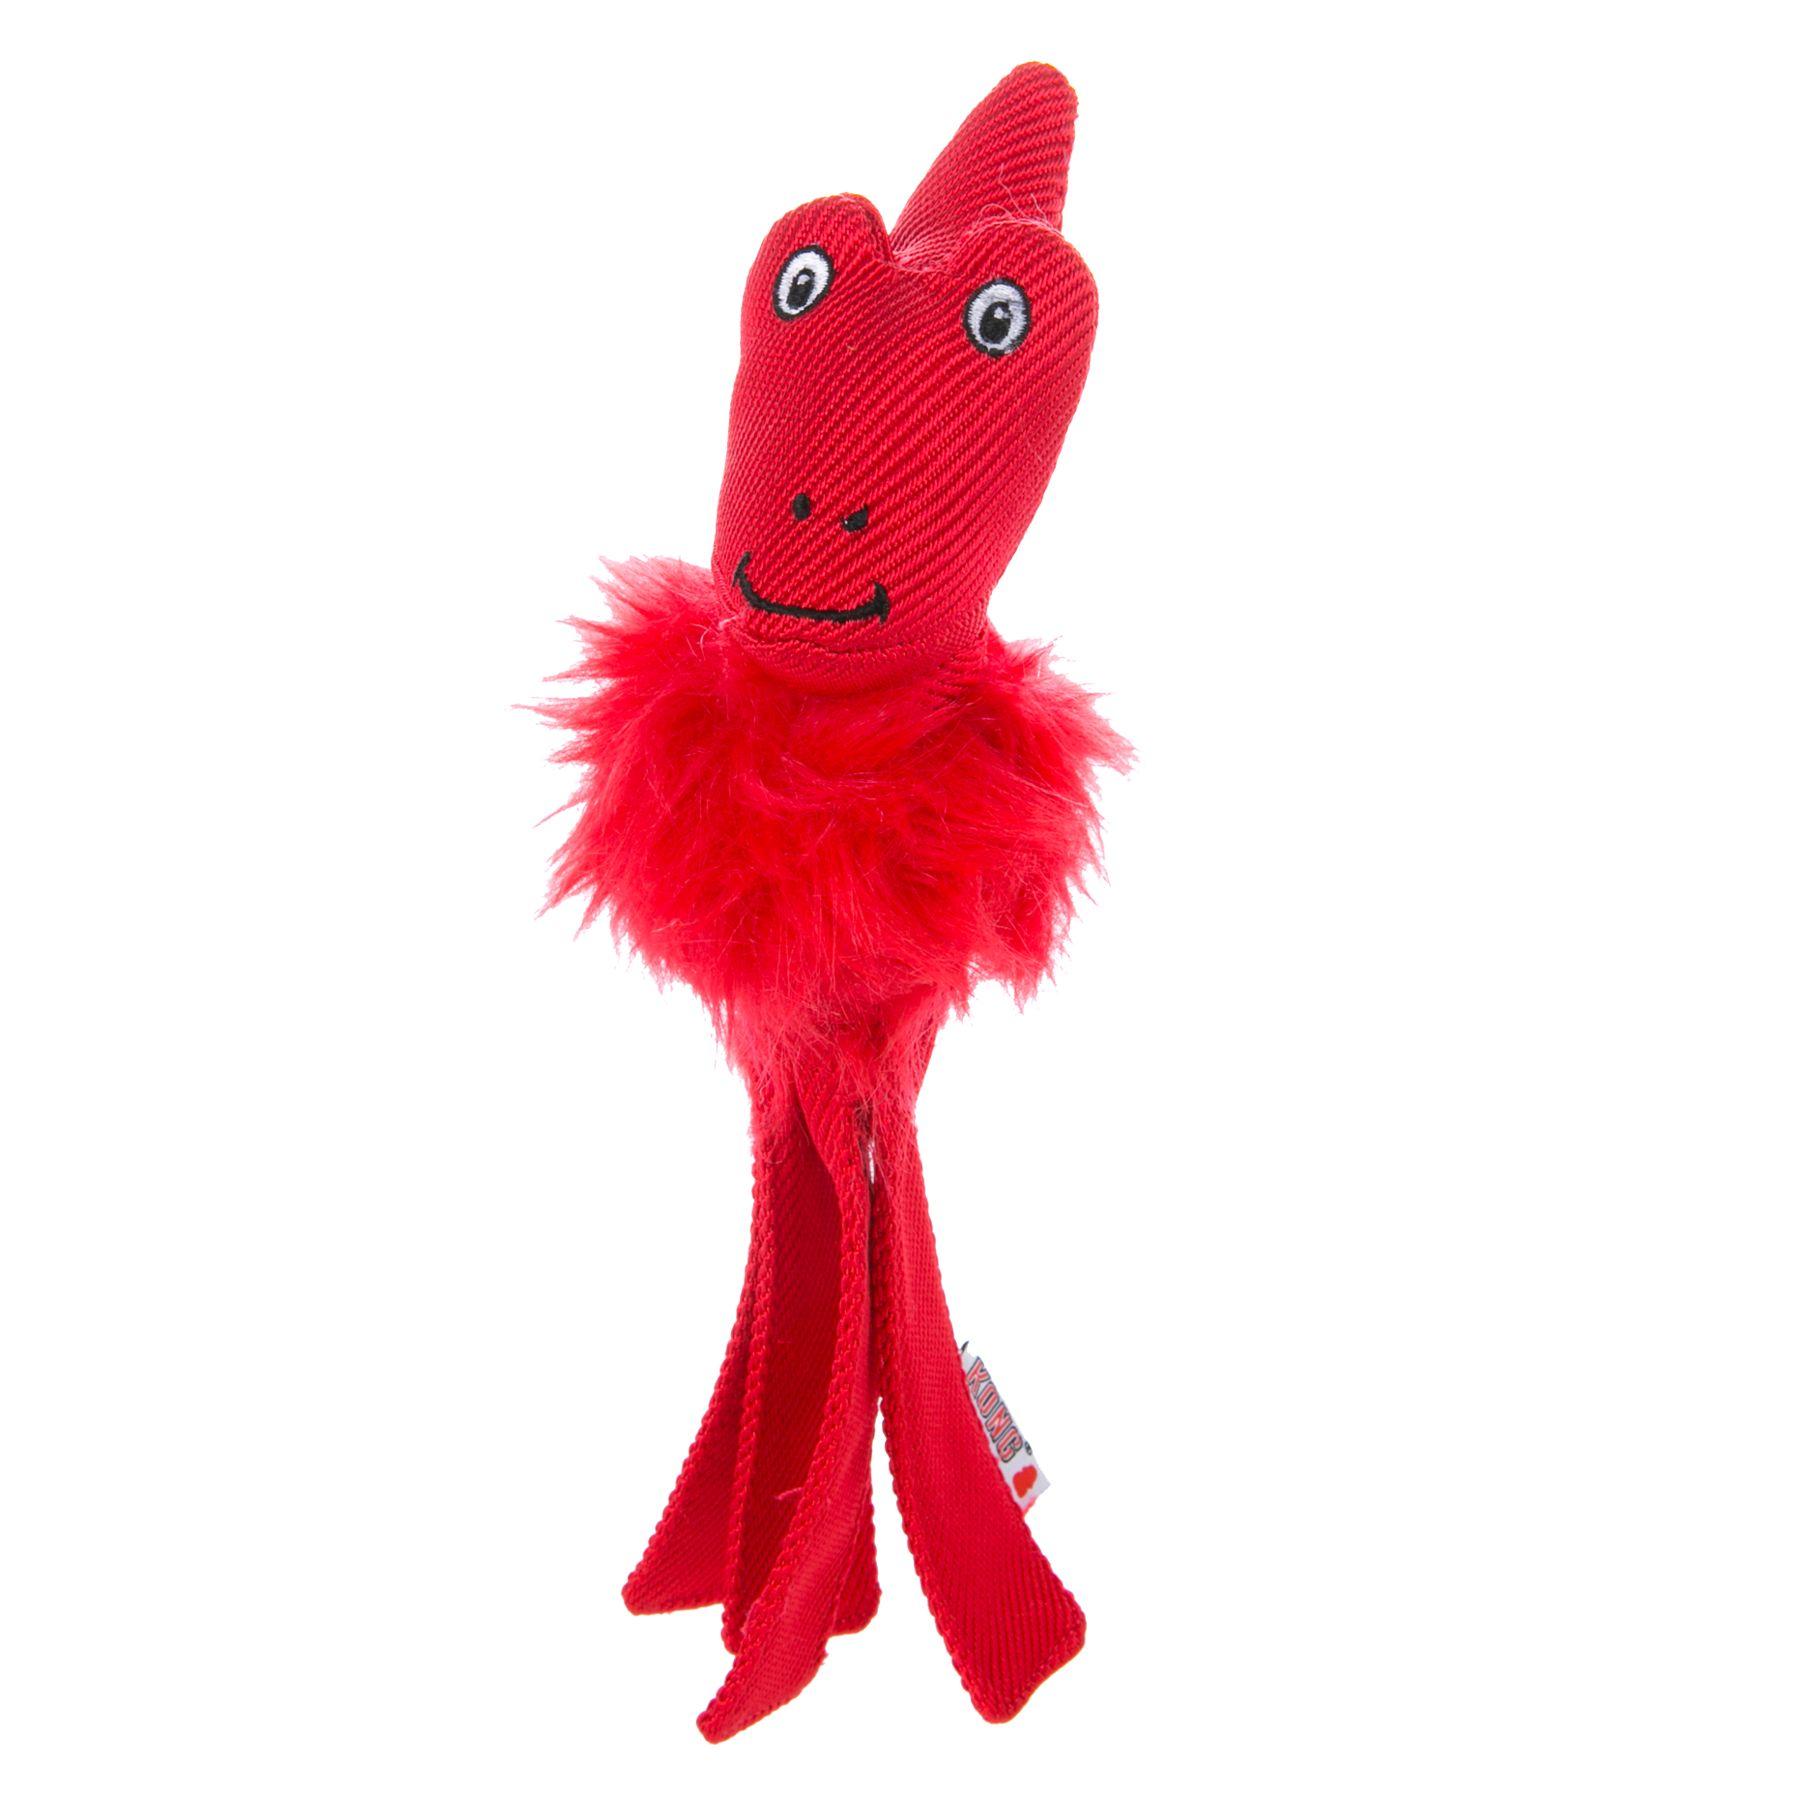 Kong® Wubba, Fuzzy Pterodactyl Dog Toy - Squeaker 5244793